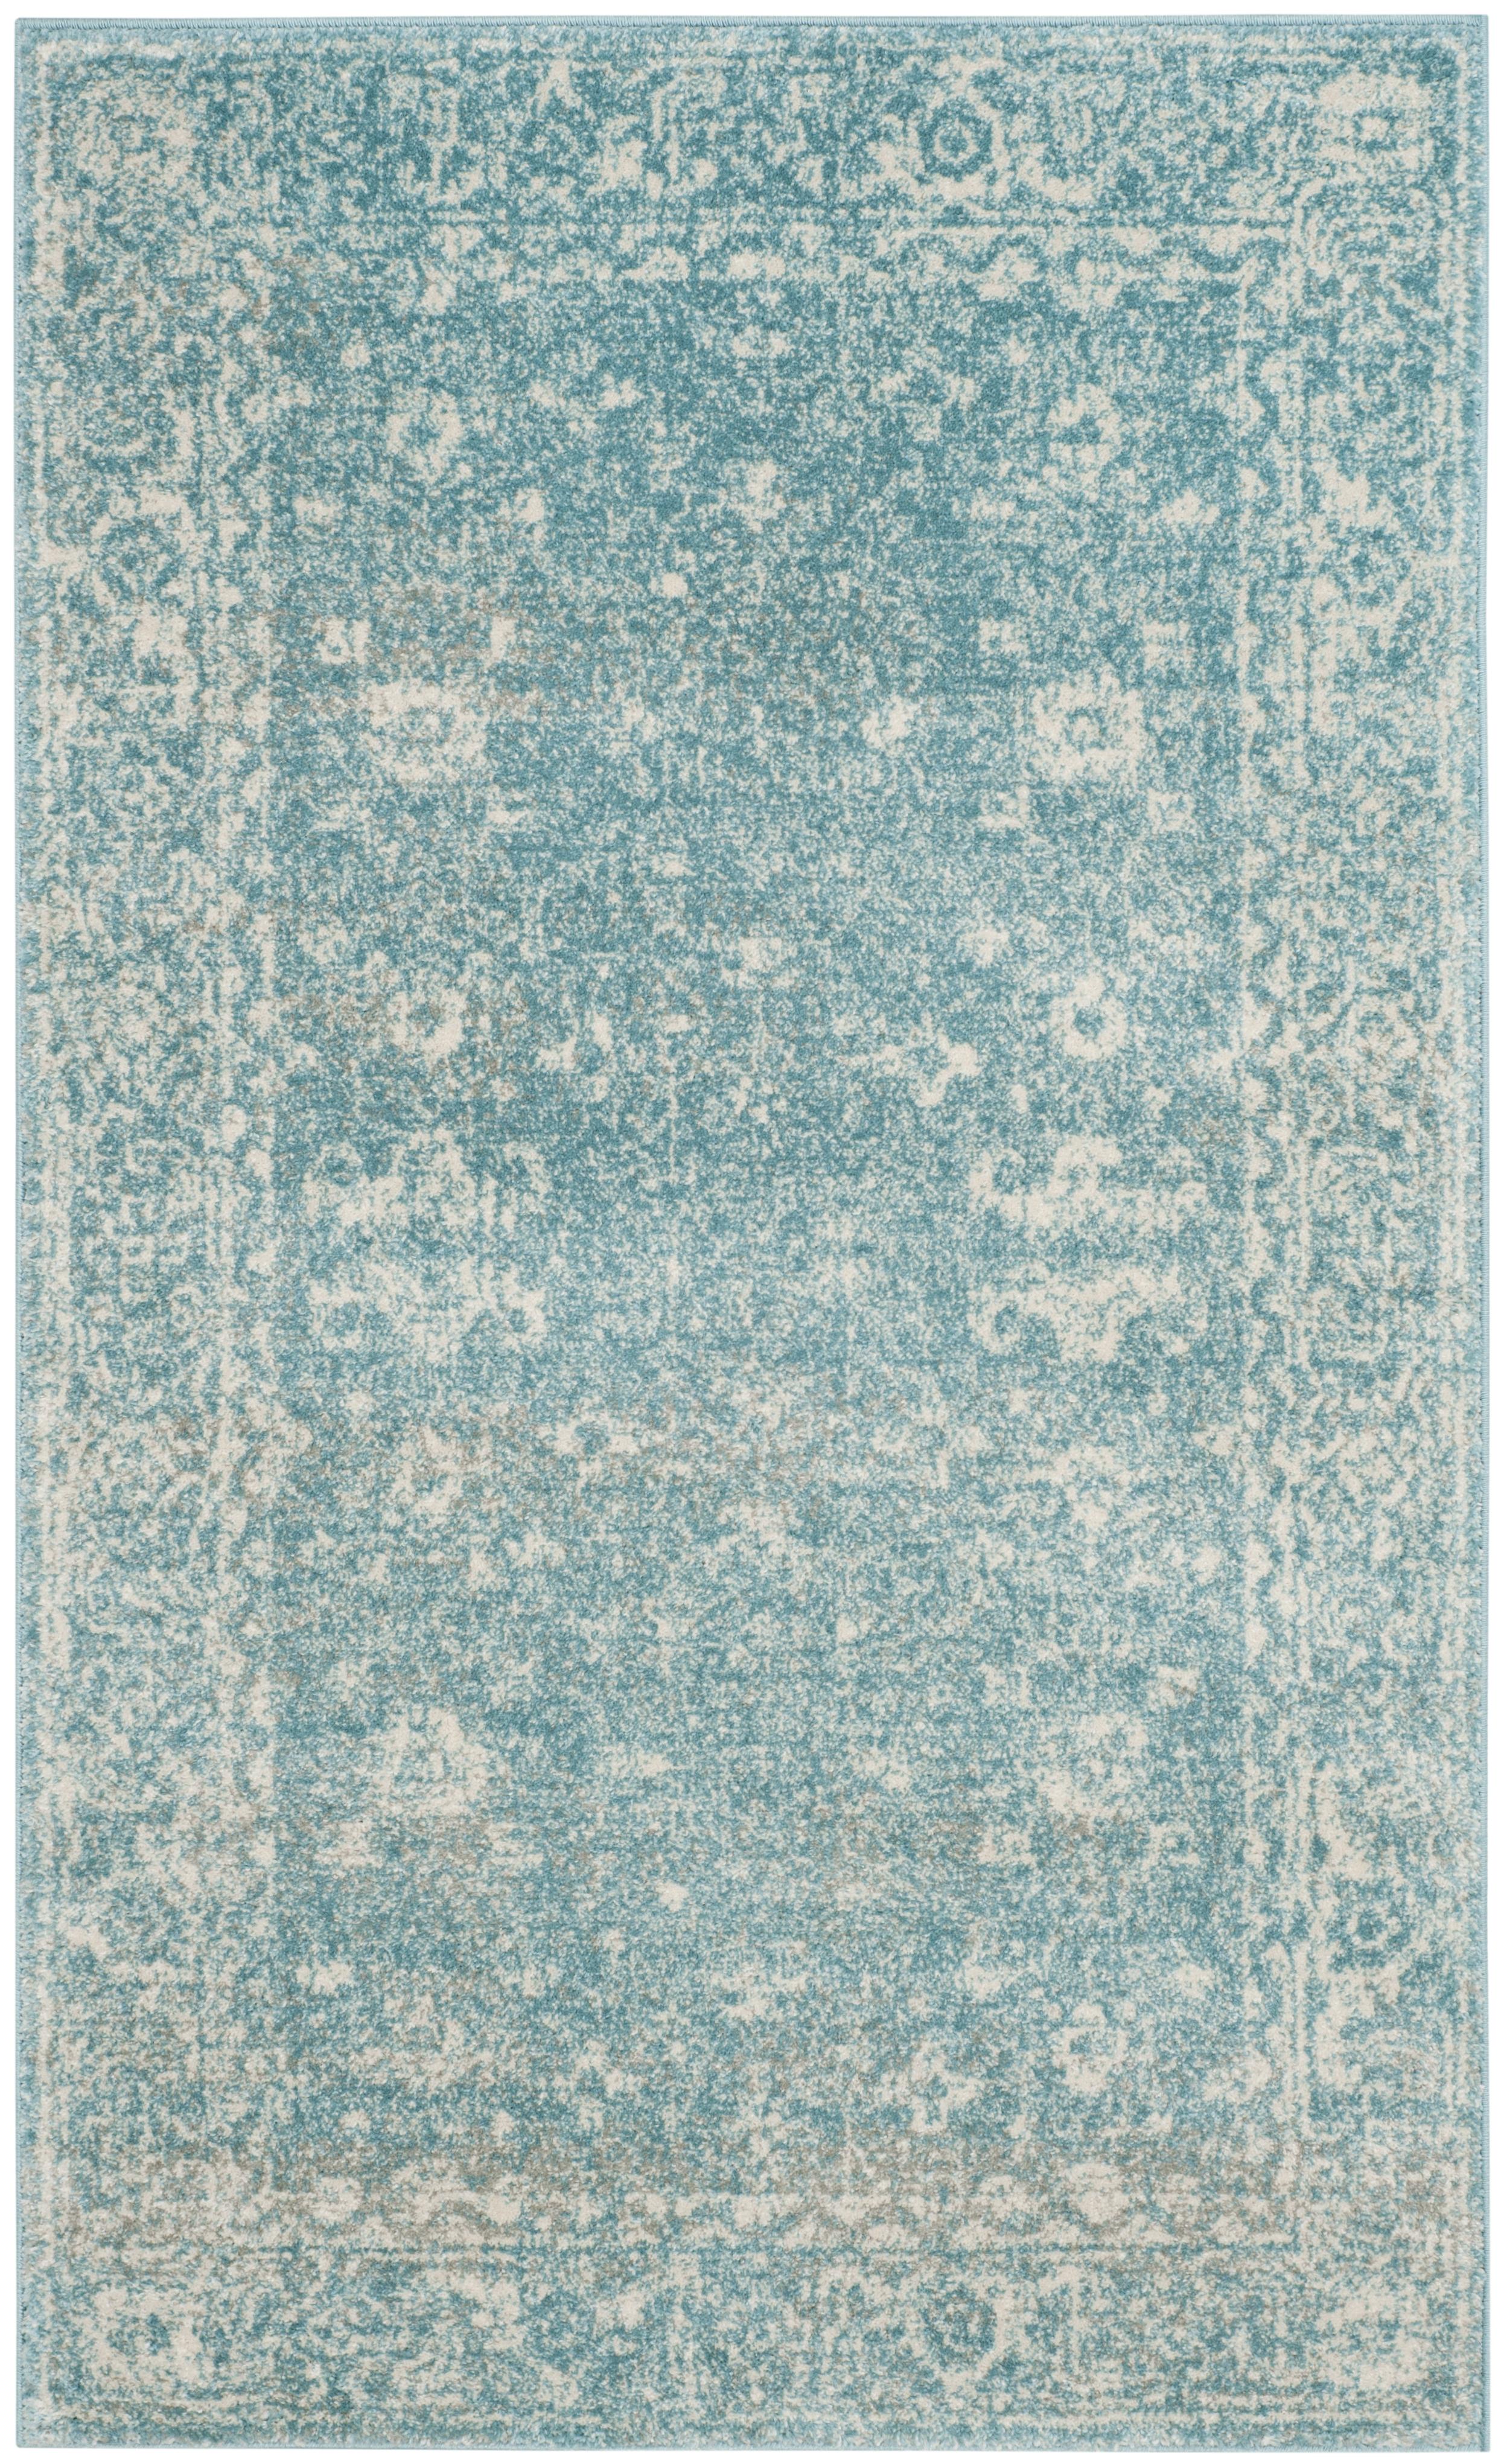 Tapis de salon d'inspiration vintage bleu clair et ivoire 120x180